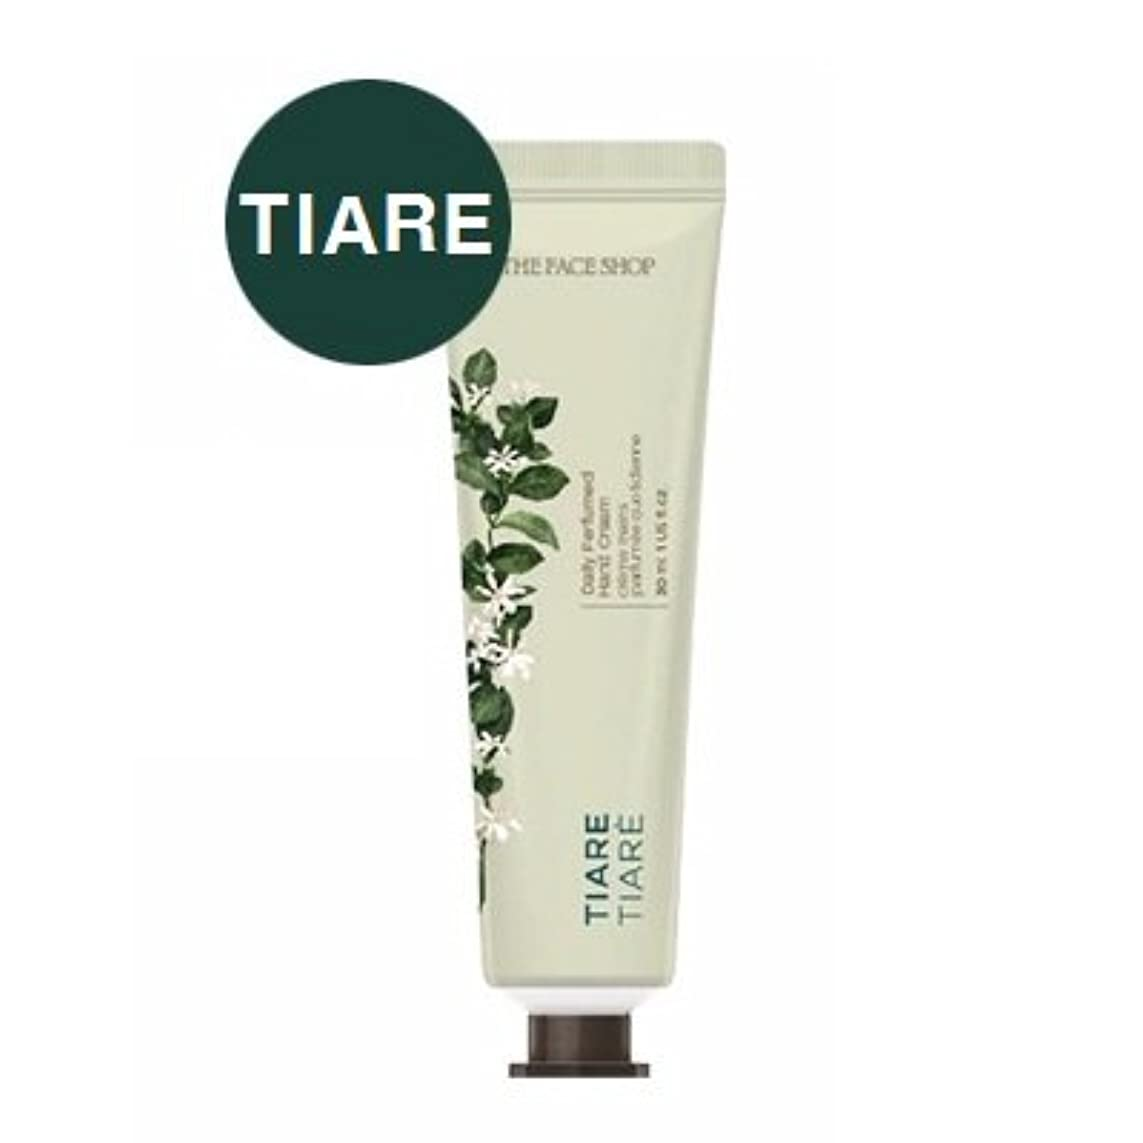 汚染通訳著名なTHE FACE SHOP Daily Perfume Hand Cream [02. Tiare] ザフェイスショップ デイリーパフュームハンドクリーム [02. ティアレ] [new] [並行輸入品]